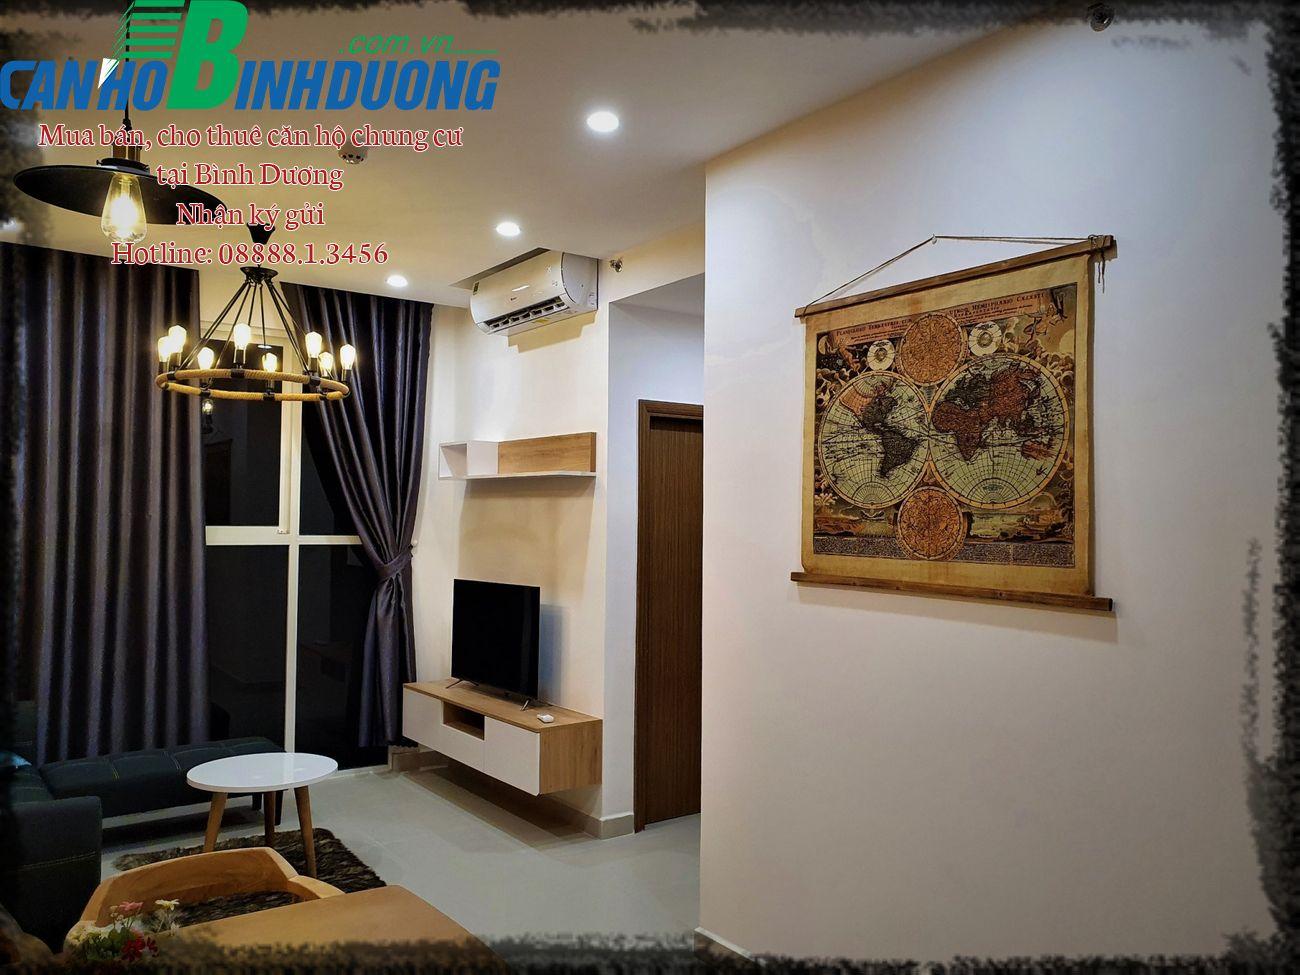 Cho thuê căn hộ Habitat Hình Dương tháp B3 tầng 15 full nội thất